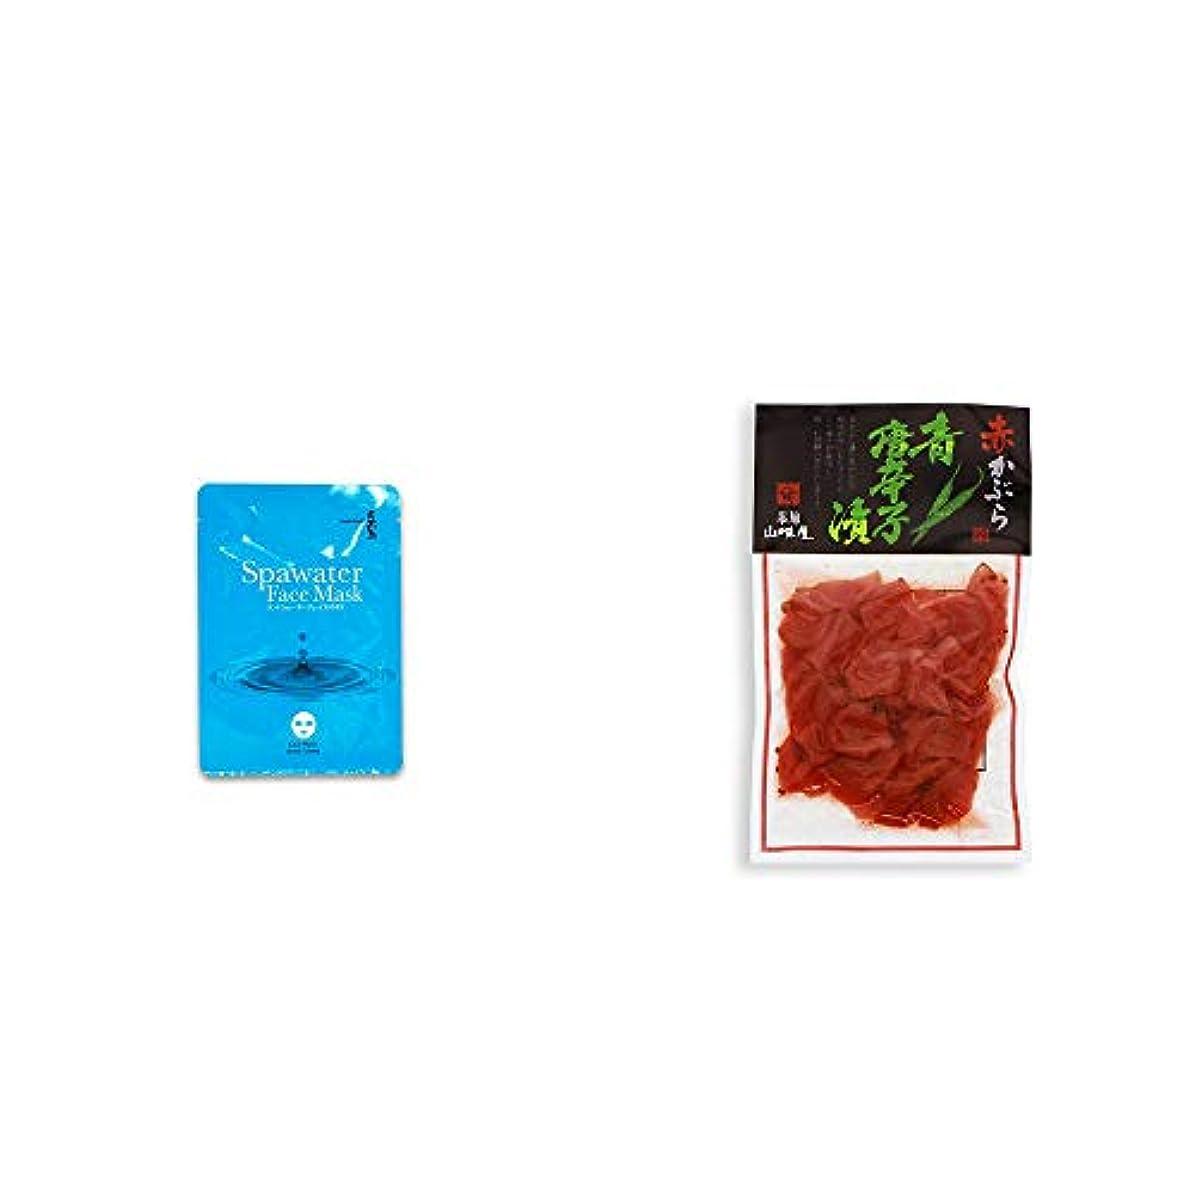 [2点セット] ひのき炭黒泉 スパウォーターフェイスマスク(18ml×3枚入)?飛騨山味屋 赤かぶら 青唐辛子漬(140g)